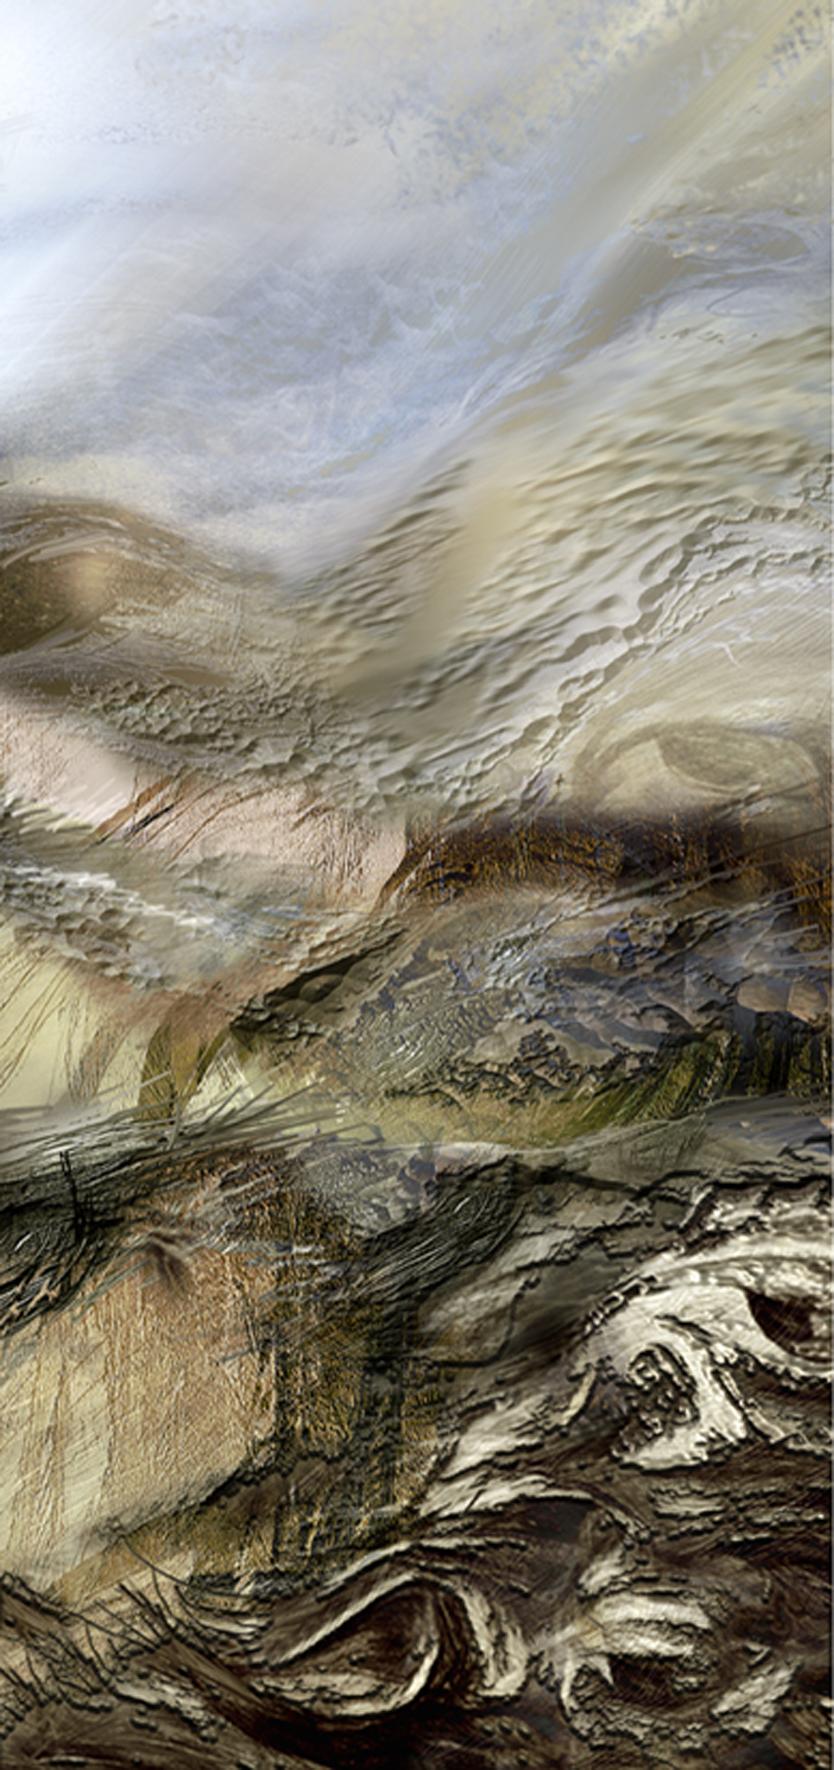 Góry 11, Te wyżyny co w nas tkwią, 80x38 cm, 2001.jpg